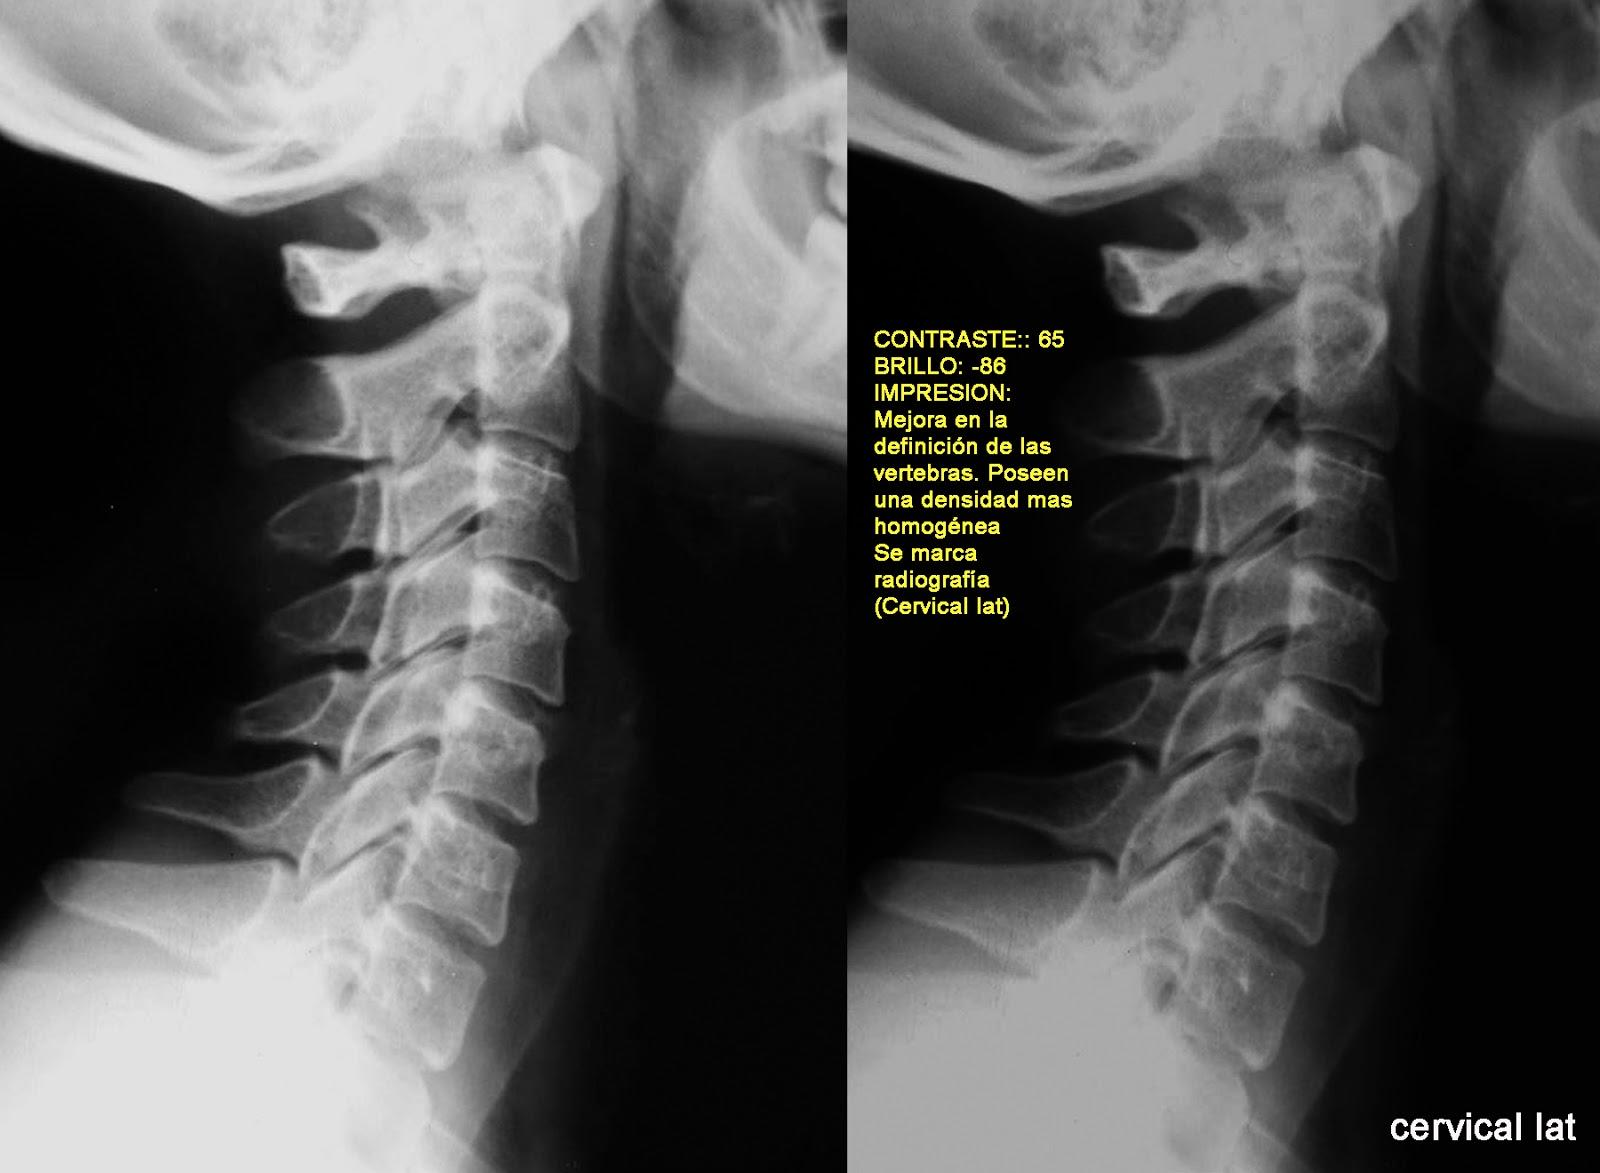 RadioLuz: Radiografía cervical lateral normal